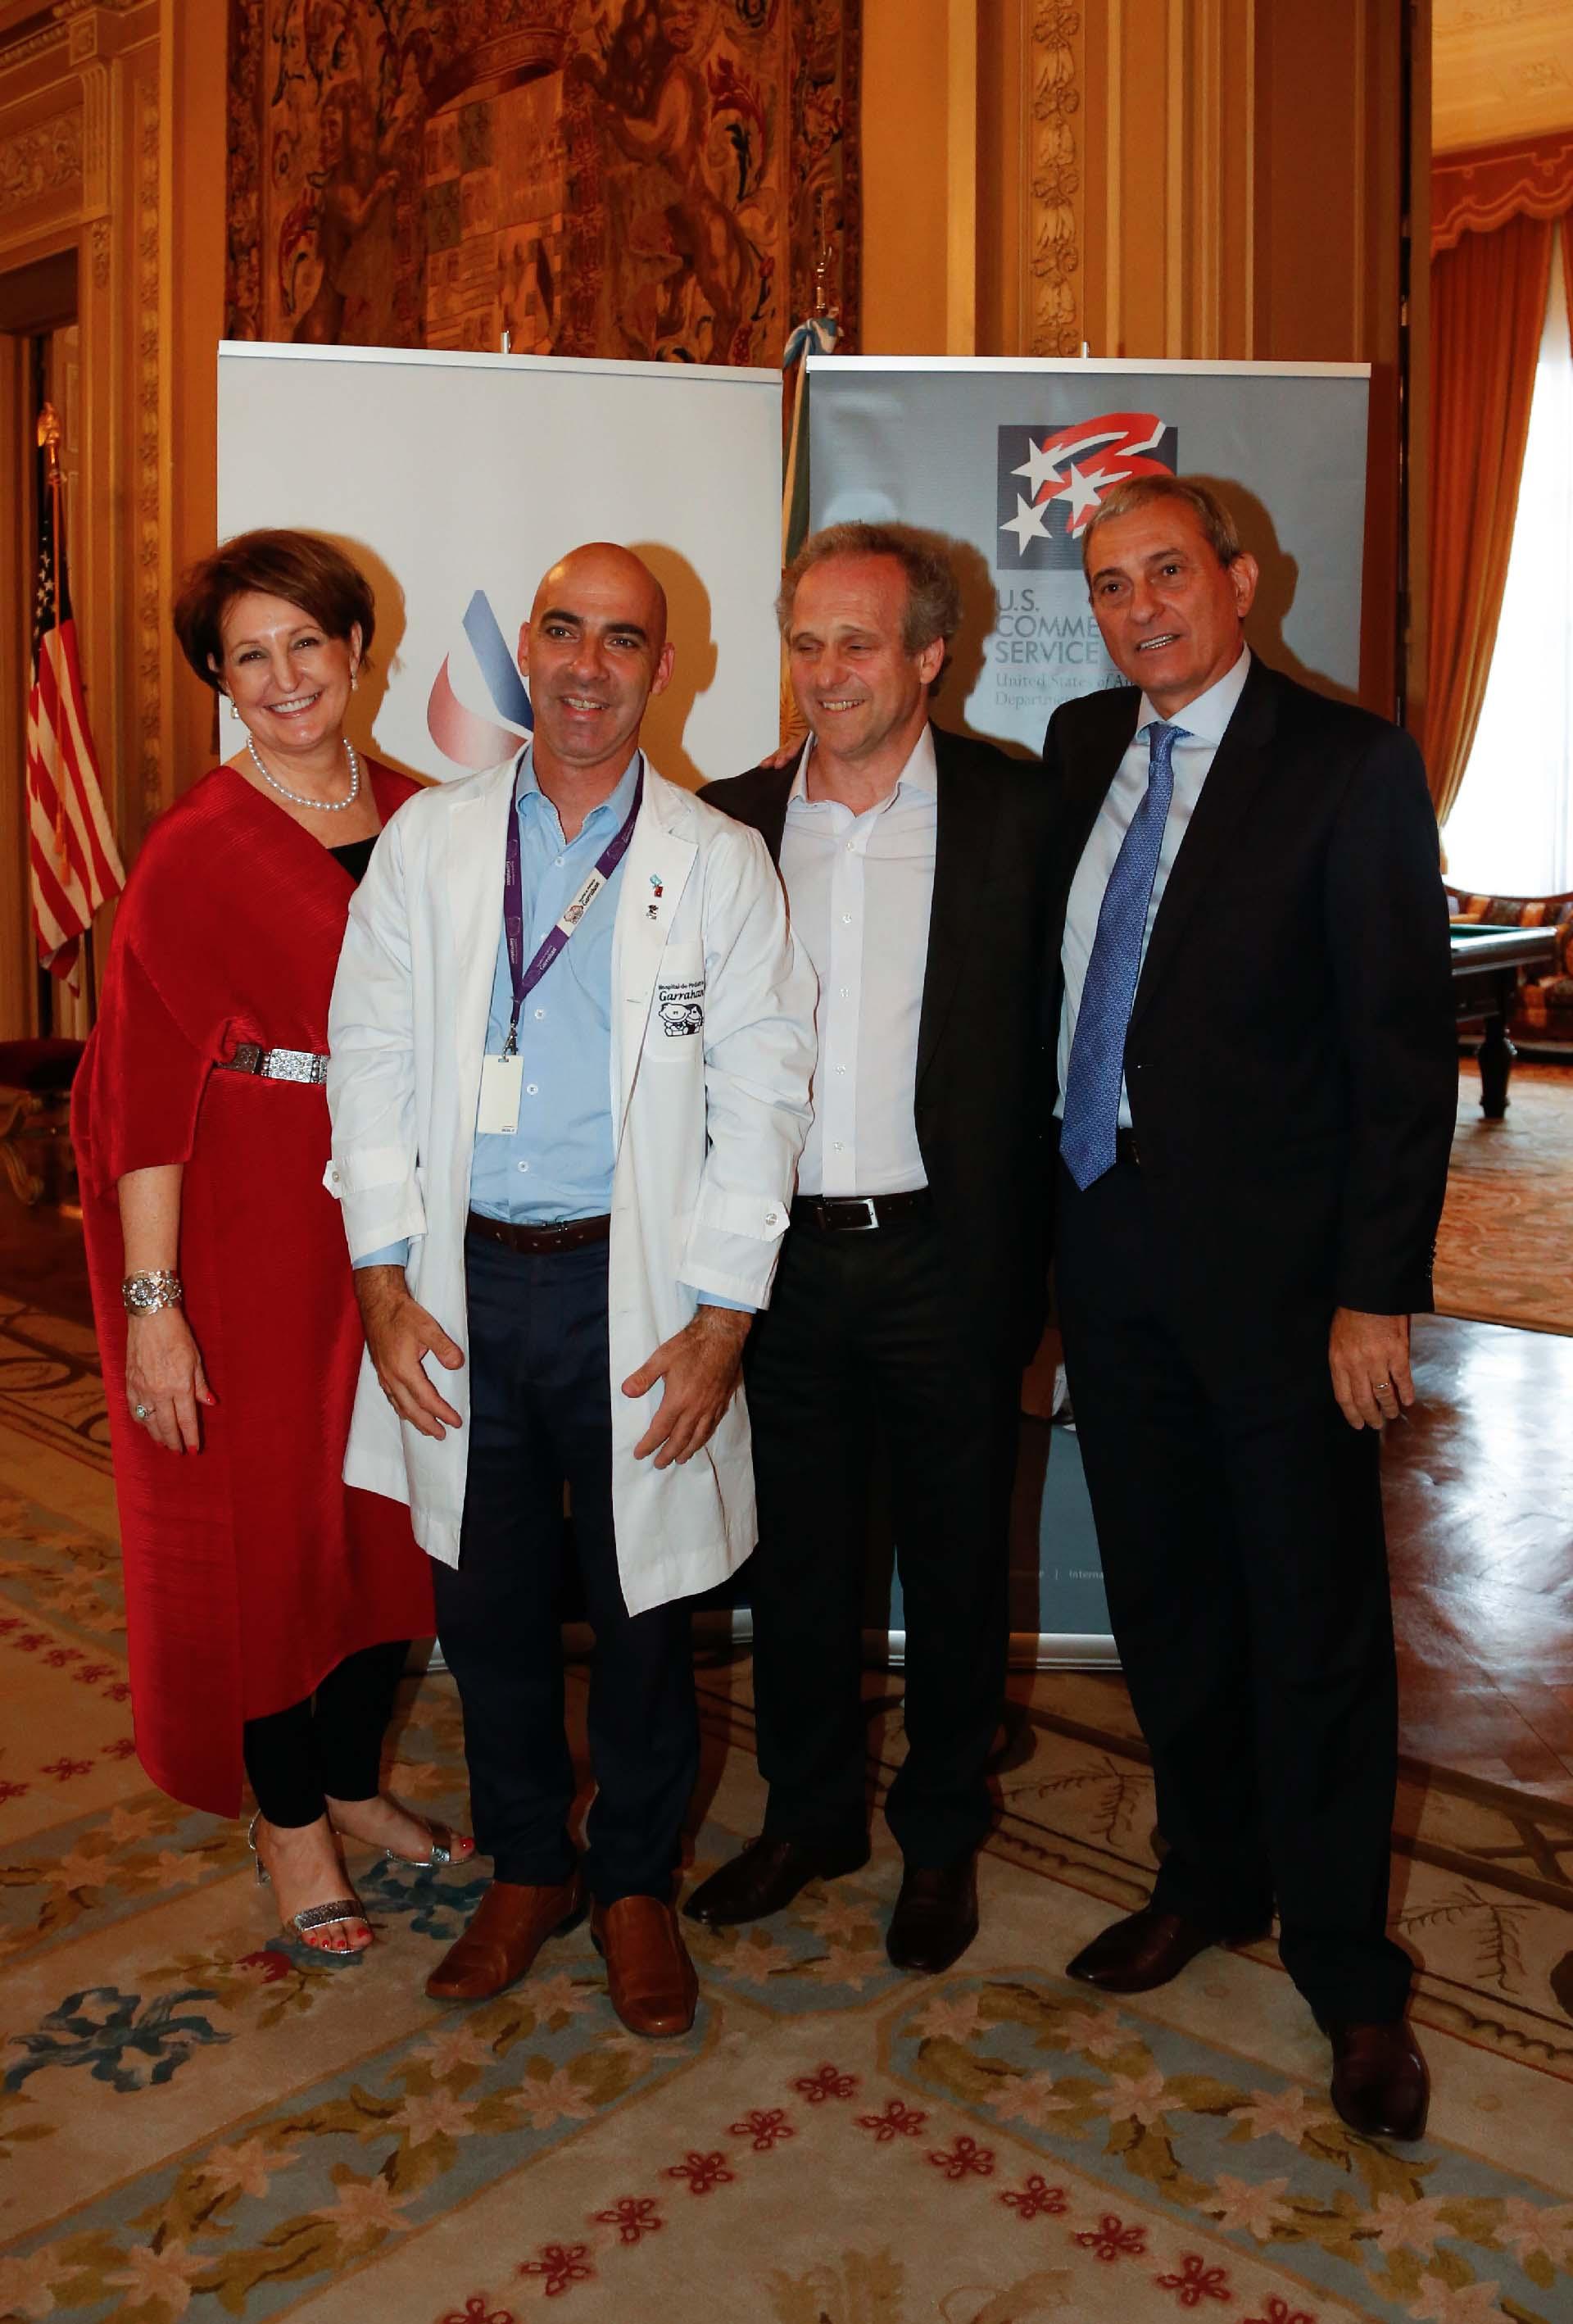 MaryKay Carlson junto a Carlos Kambourian, presidente del Consejo de Administración del Hospital Garrahan; Roberto Alexander y Alejandro Díaz